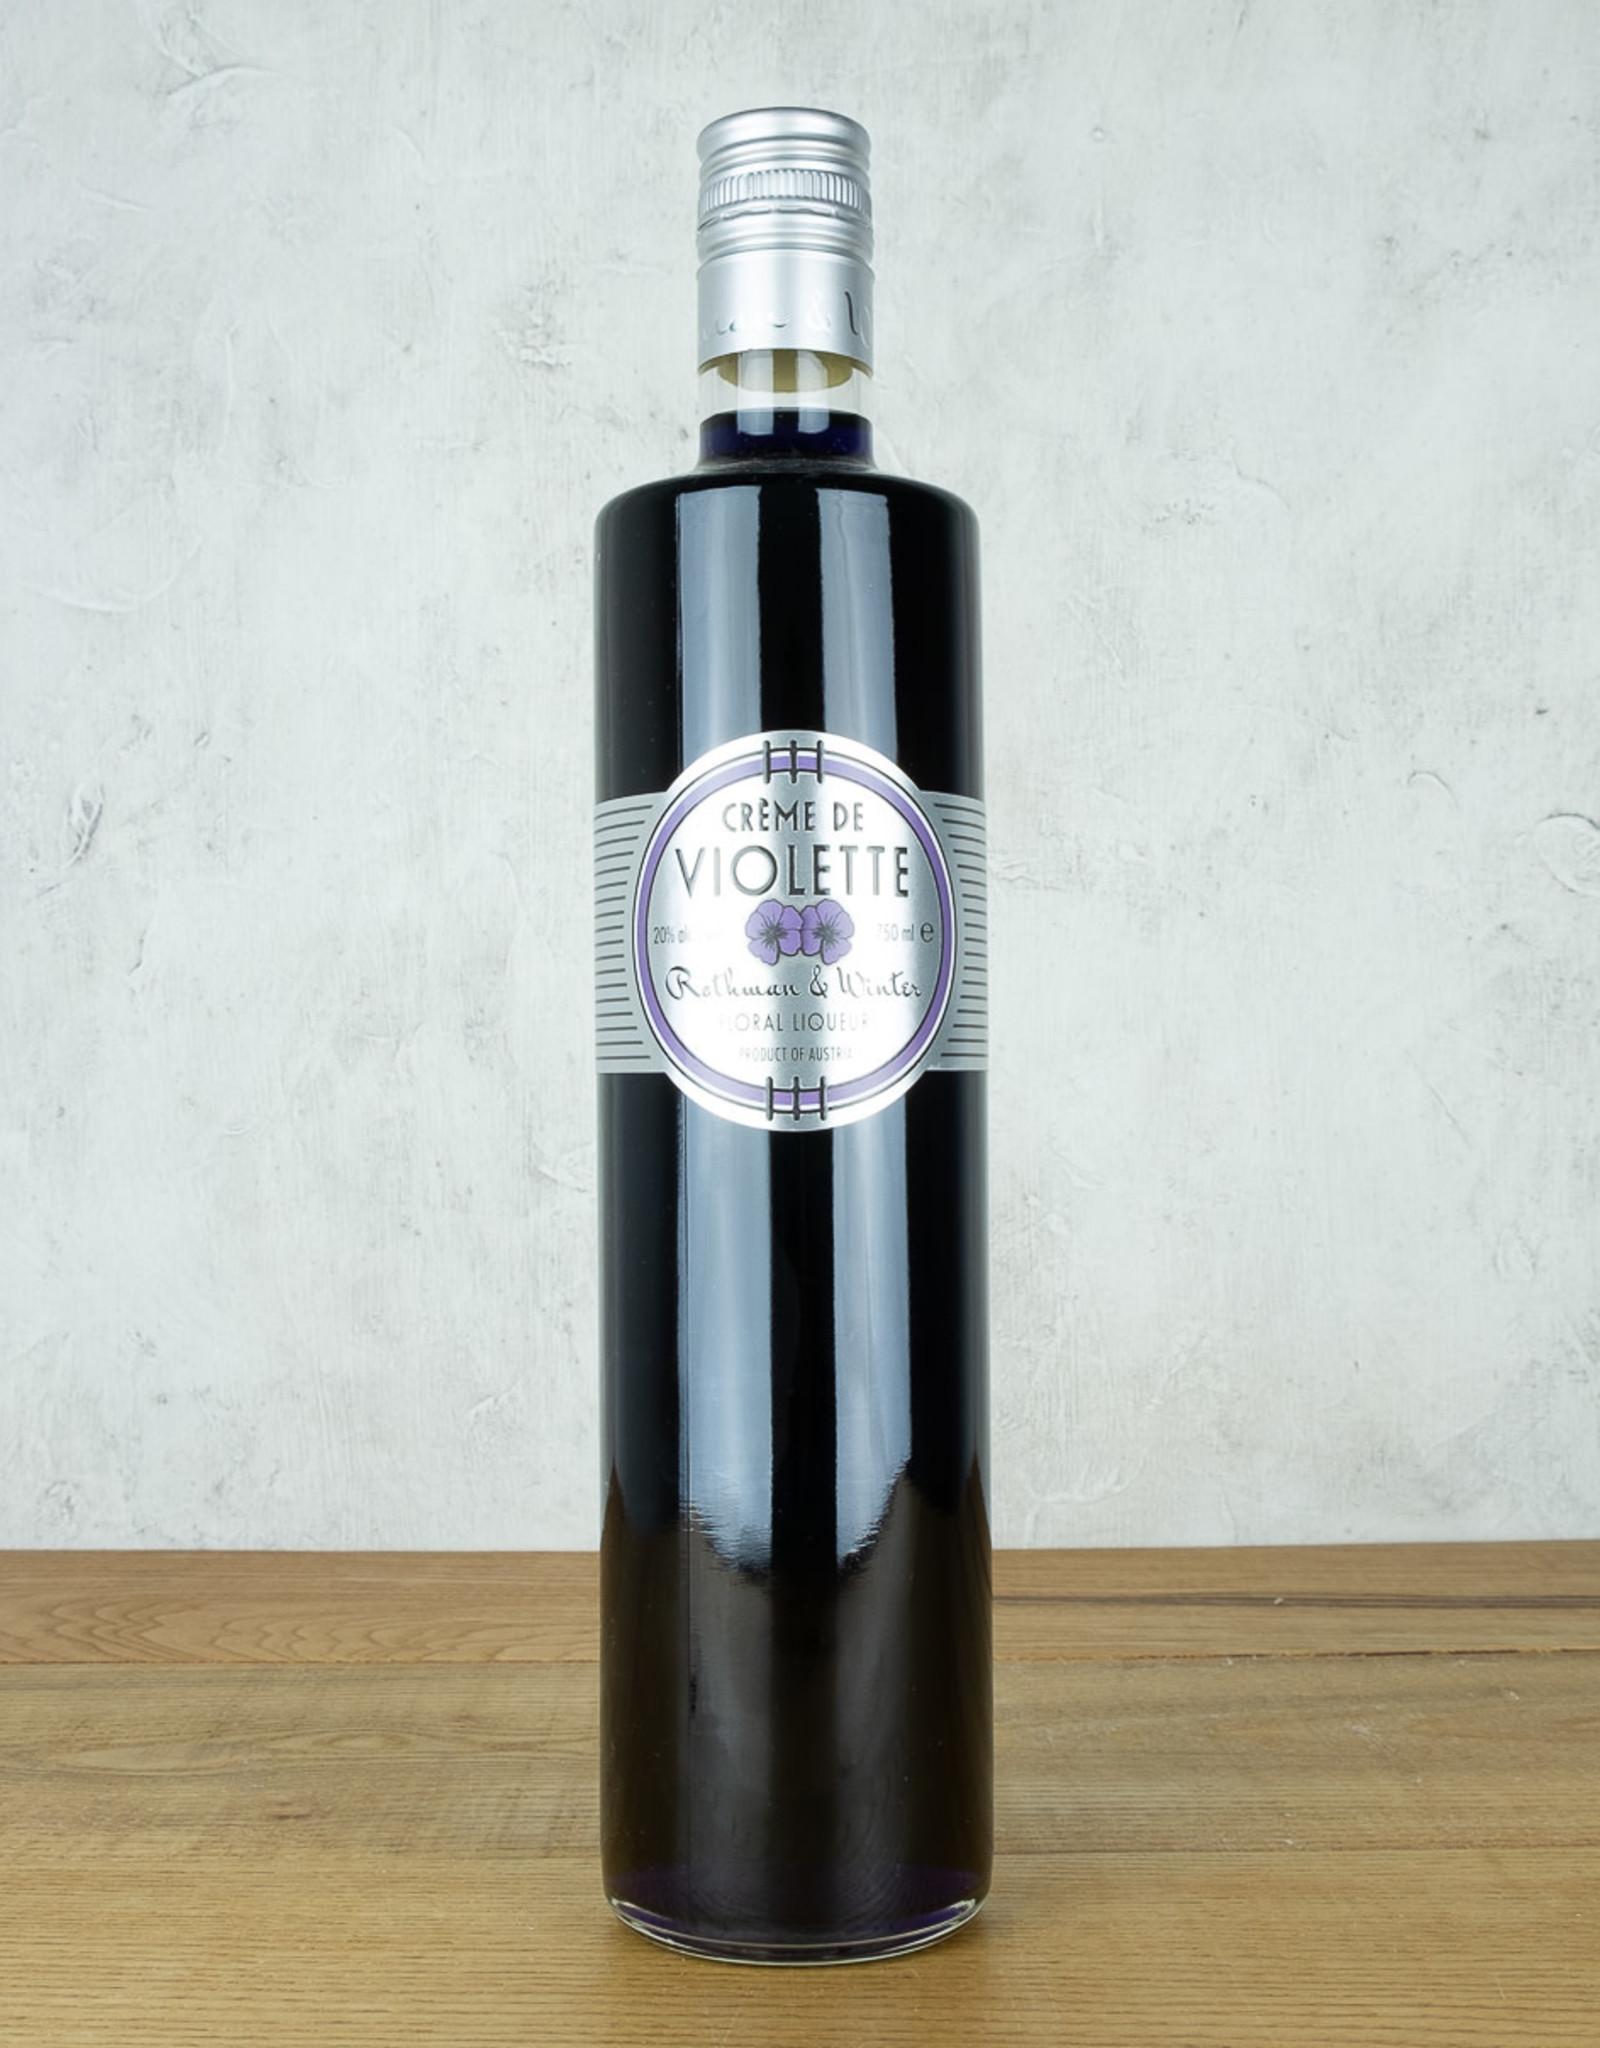 Rothman & Winter Creme de Violette